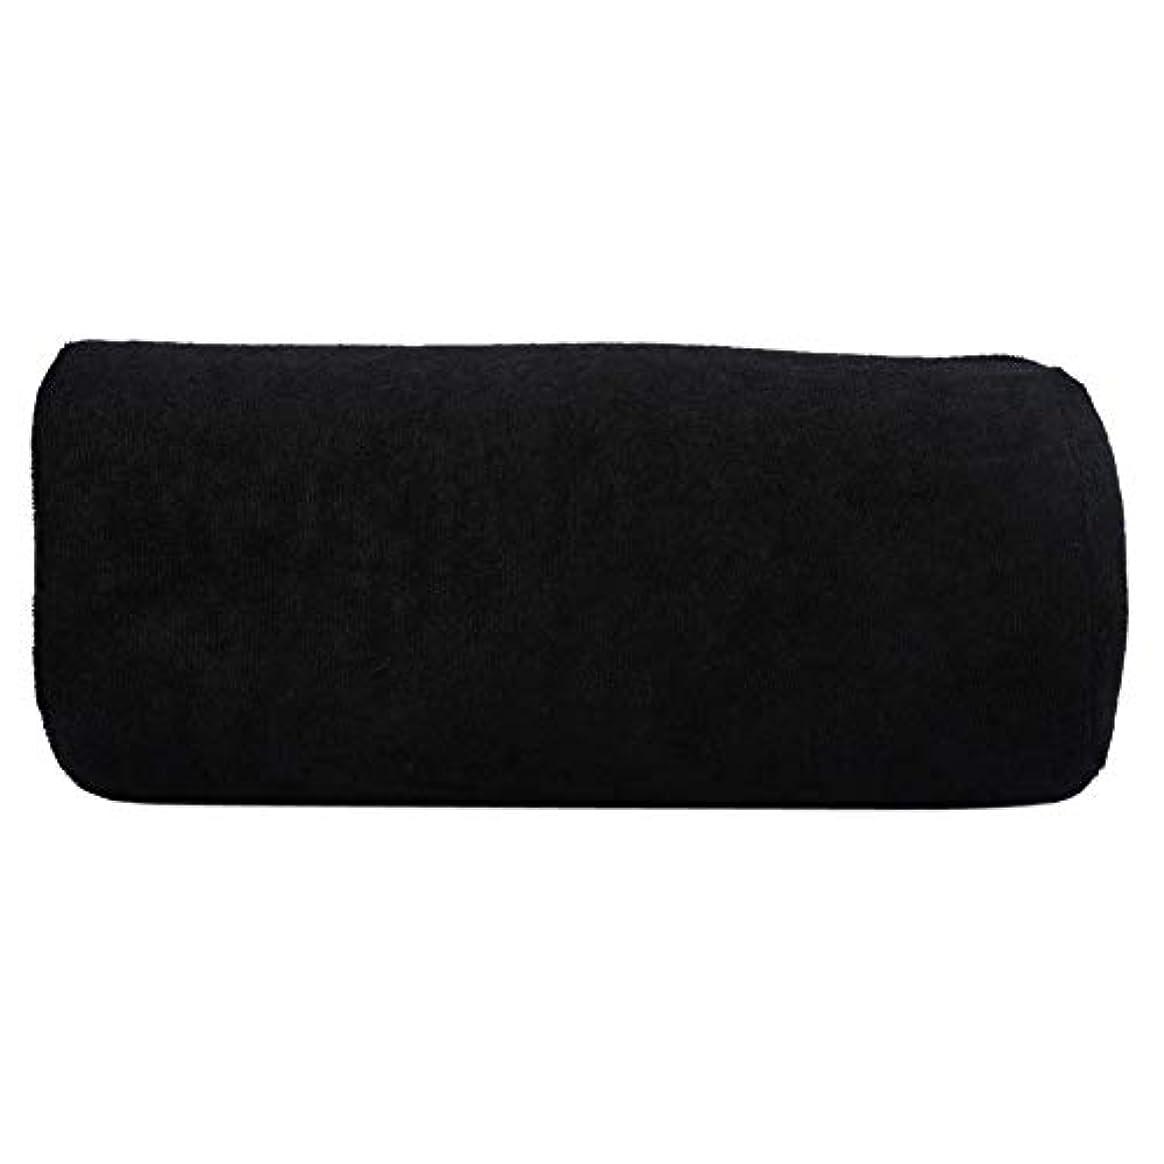 代わりに生き残りインターネットochunネイル用アームレスト アームレスト ネイル ハンドクッション 10色 サロン ハンドレストクッション 取り外し可能 洗える ネイルアートソフトスポンジ枕(03)